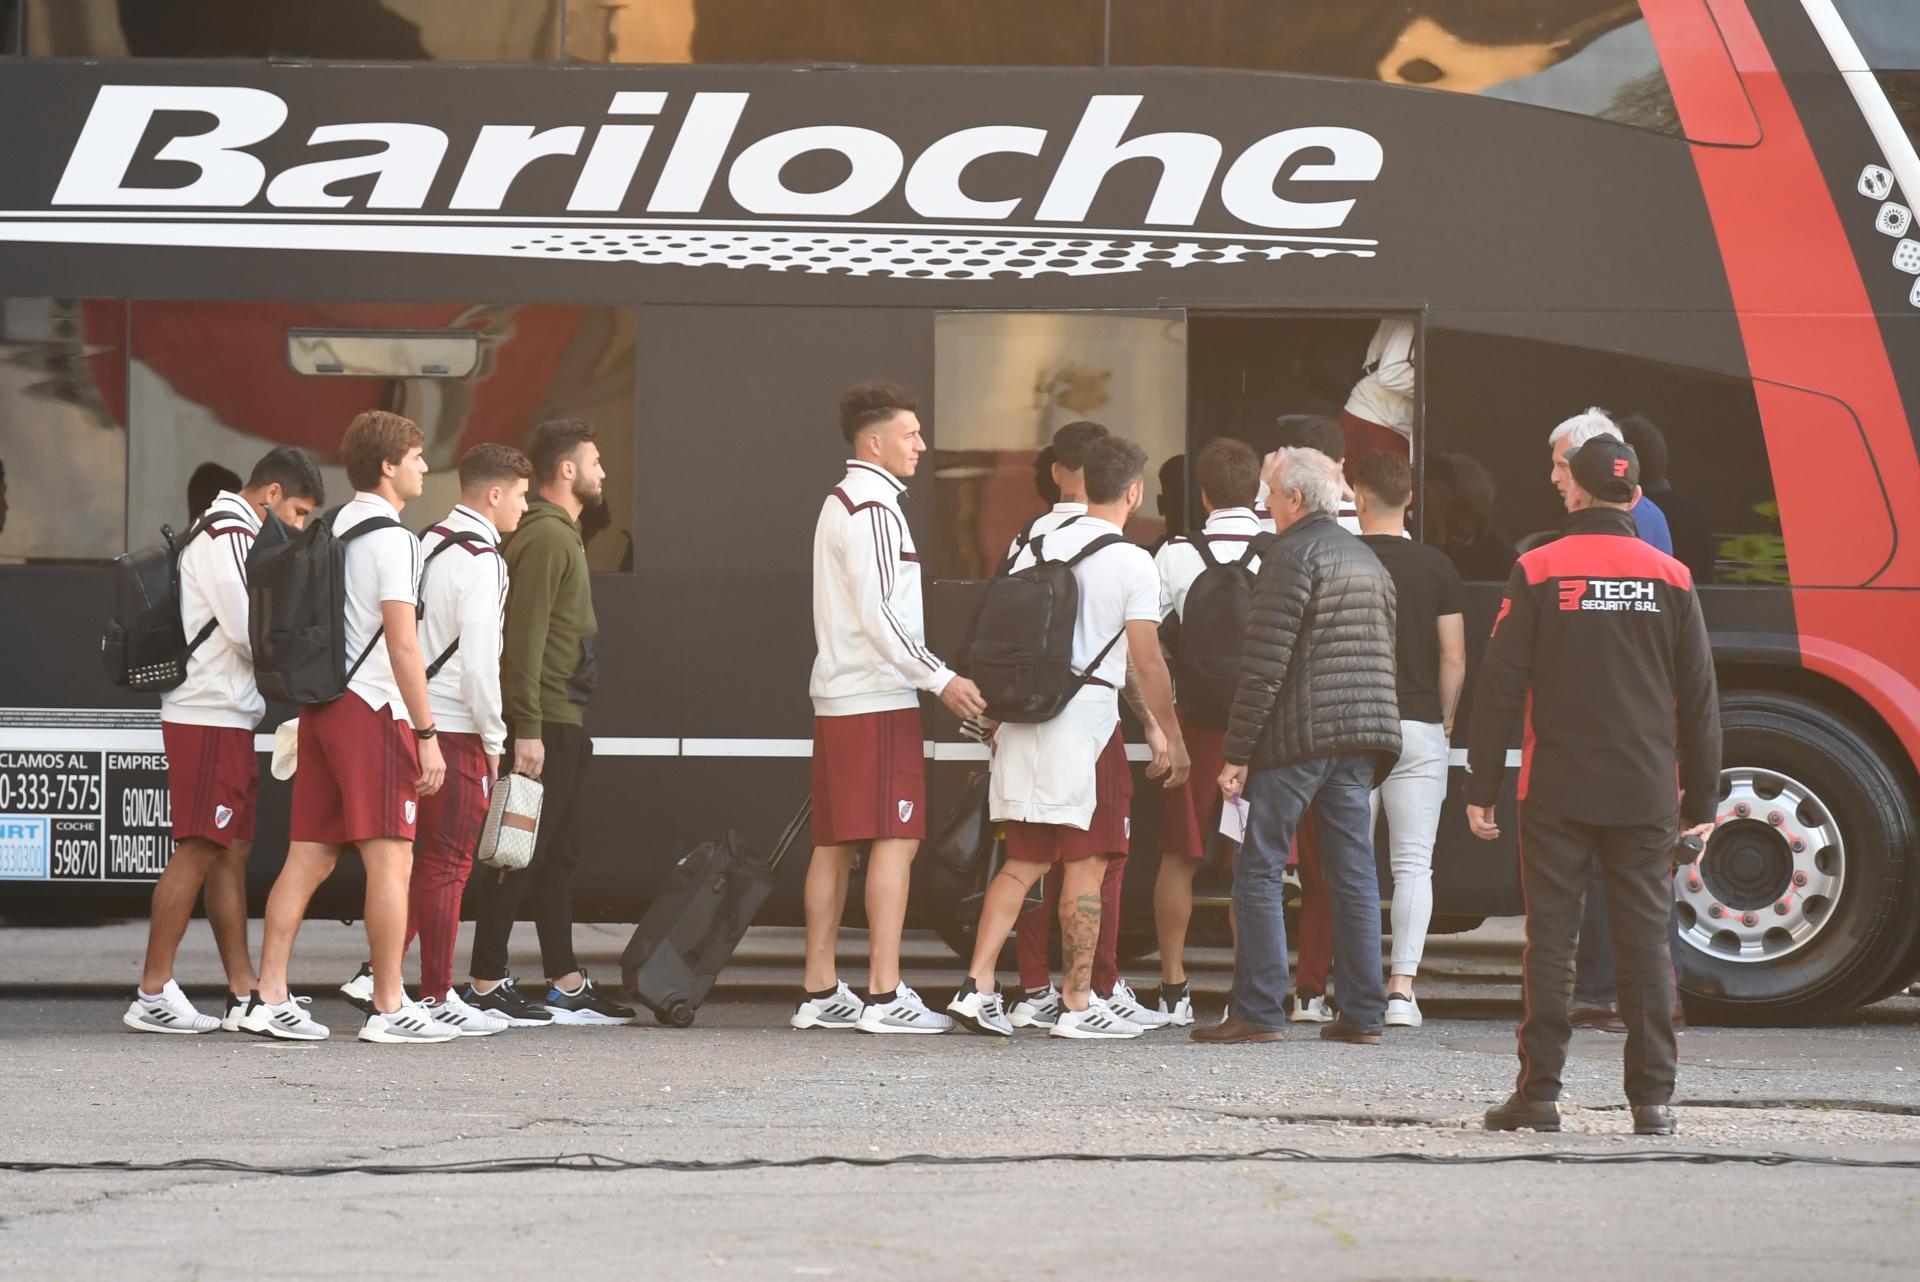 En el bus no solo viajaron los jugadores, sino también todo el cuerpo técnico, los médicos y aquellos futbolistas que forman parte del plantel y no fueron convocados